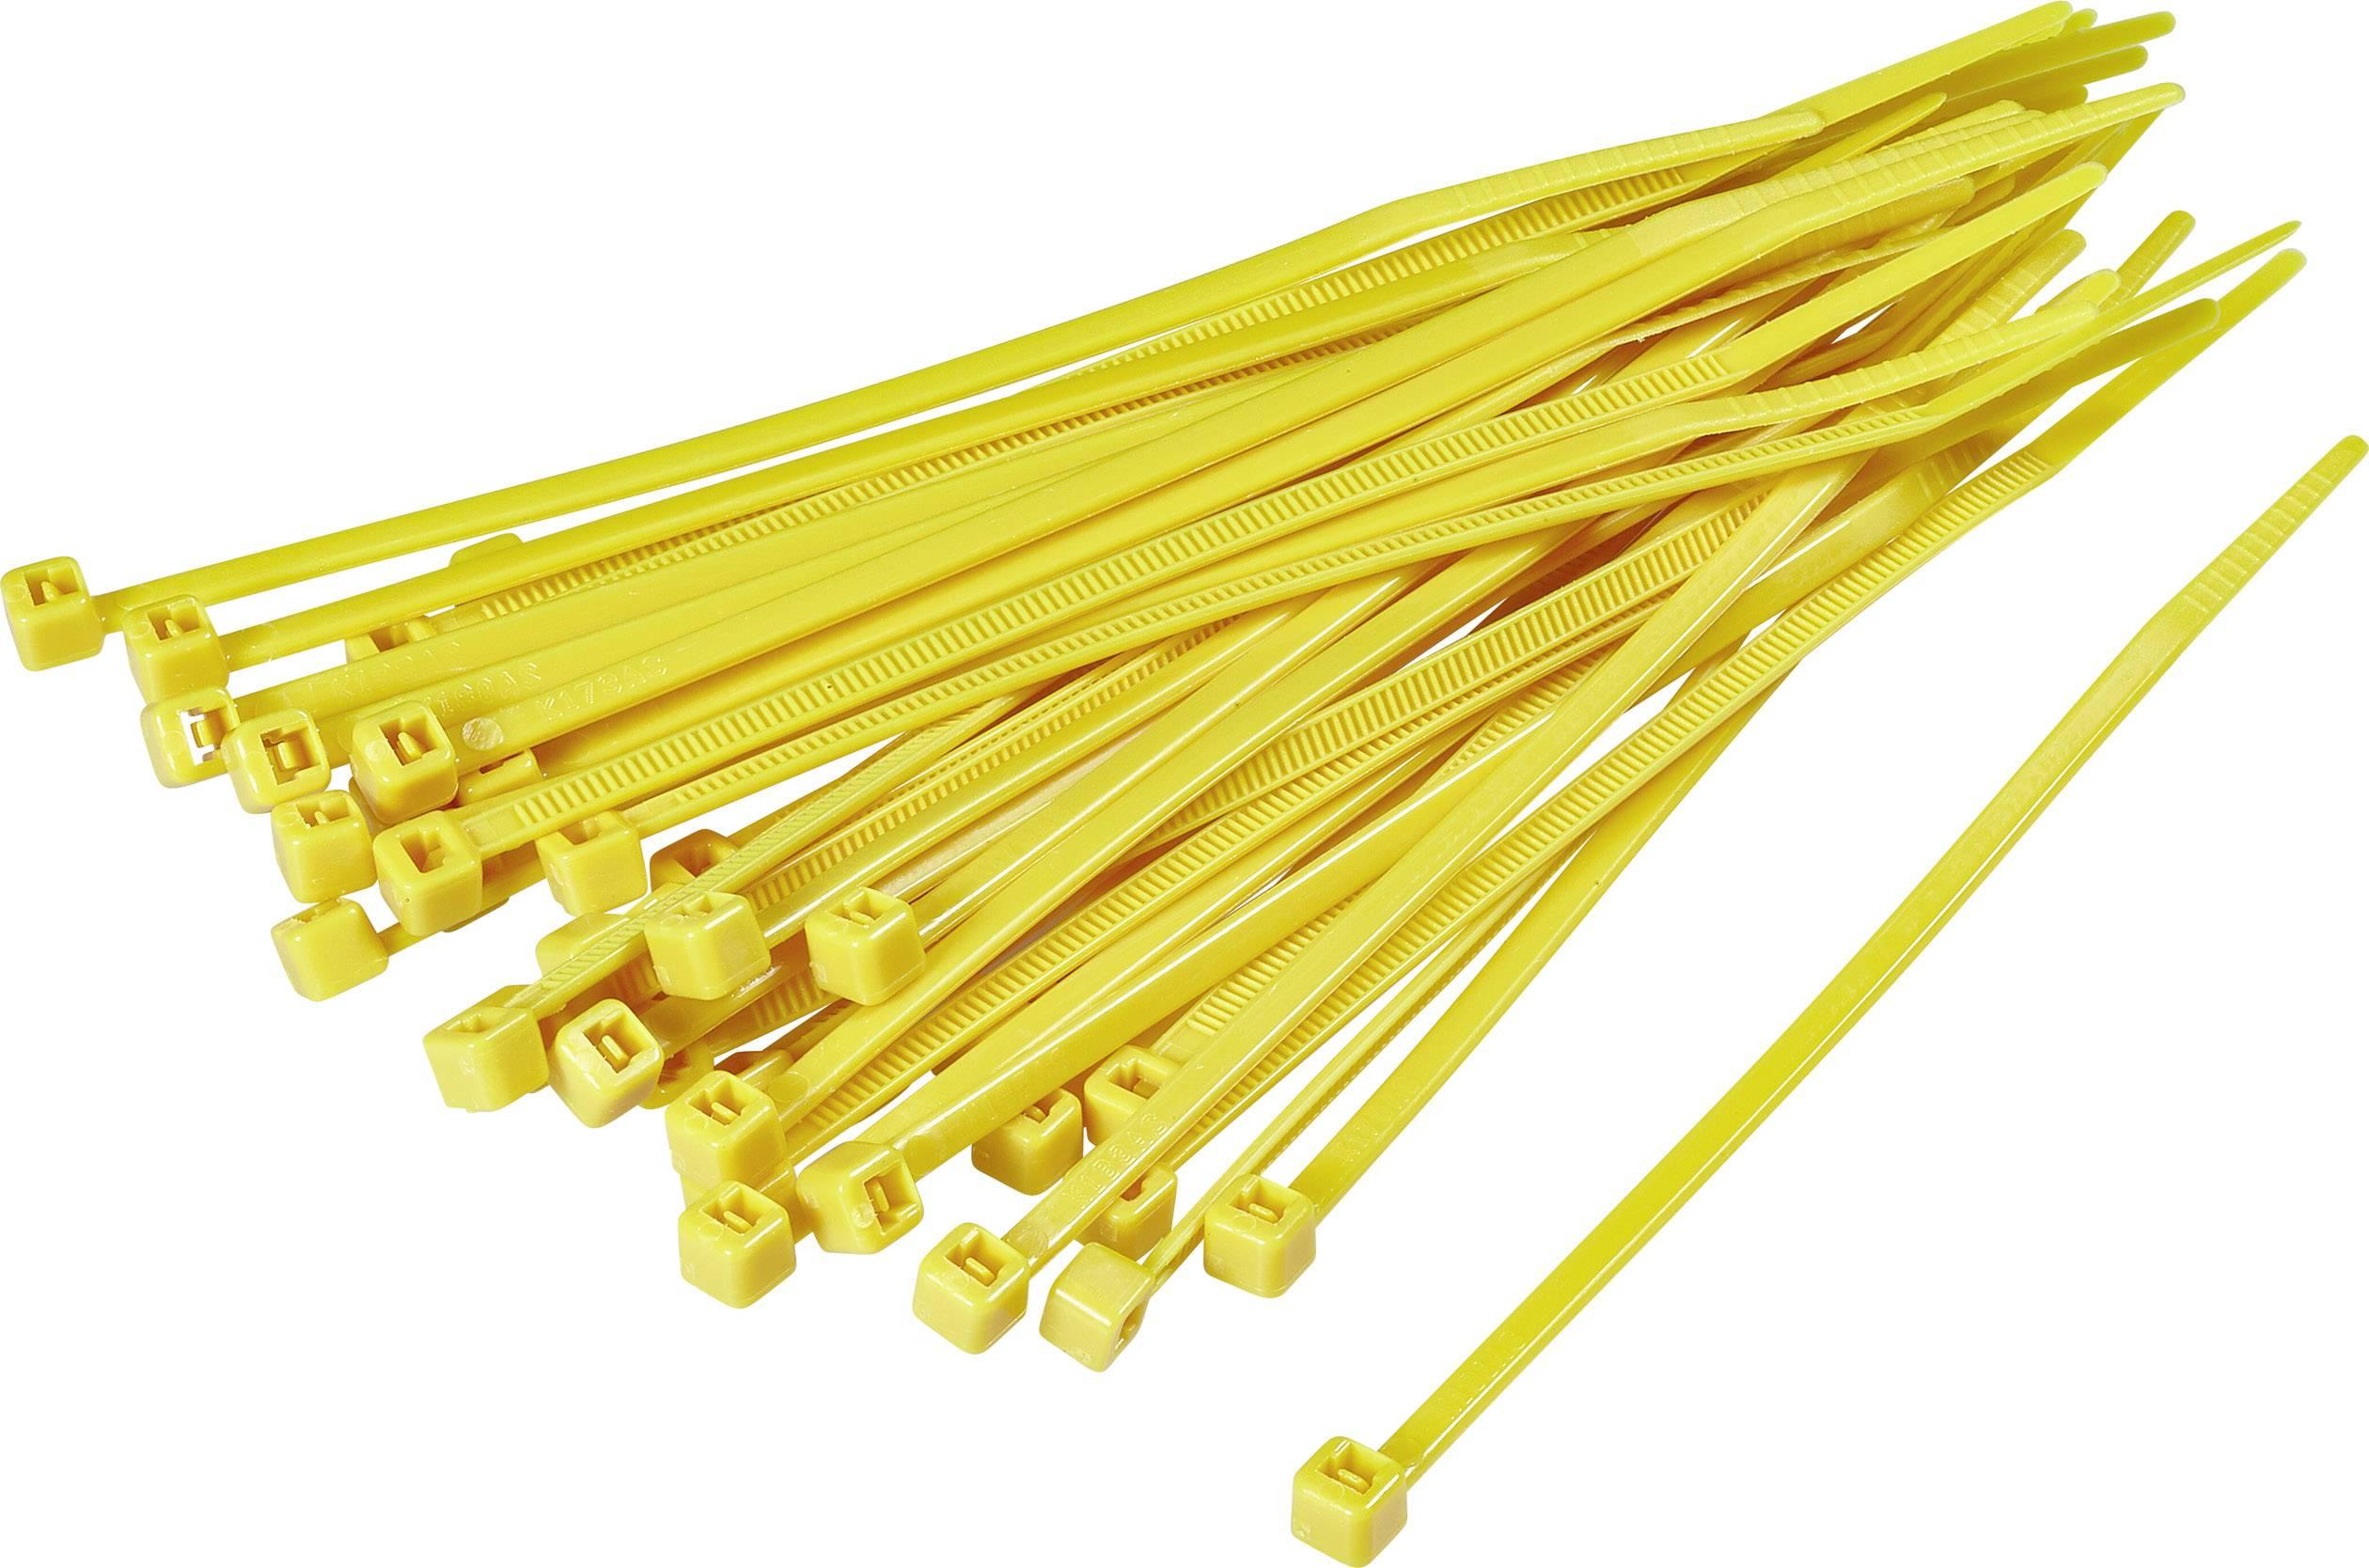 Sťahovacie pásky KSS CV150 1369088, 150 mm, žltá, 100 ks